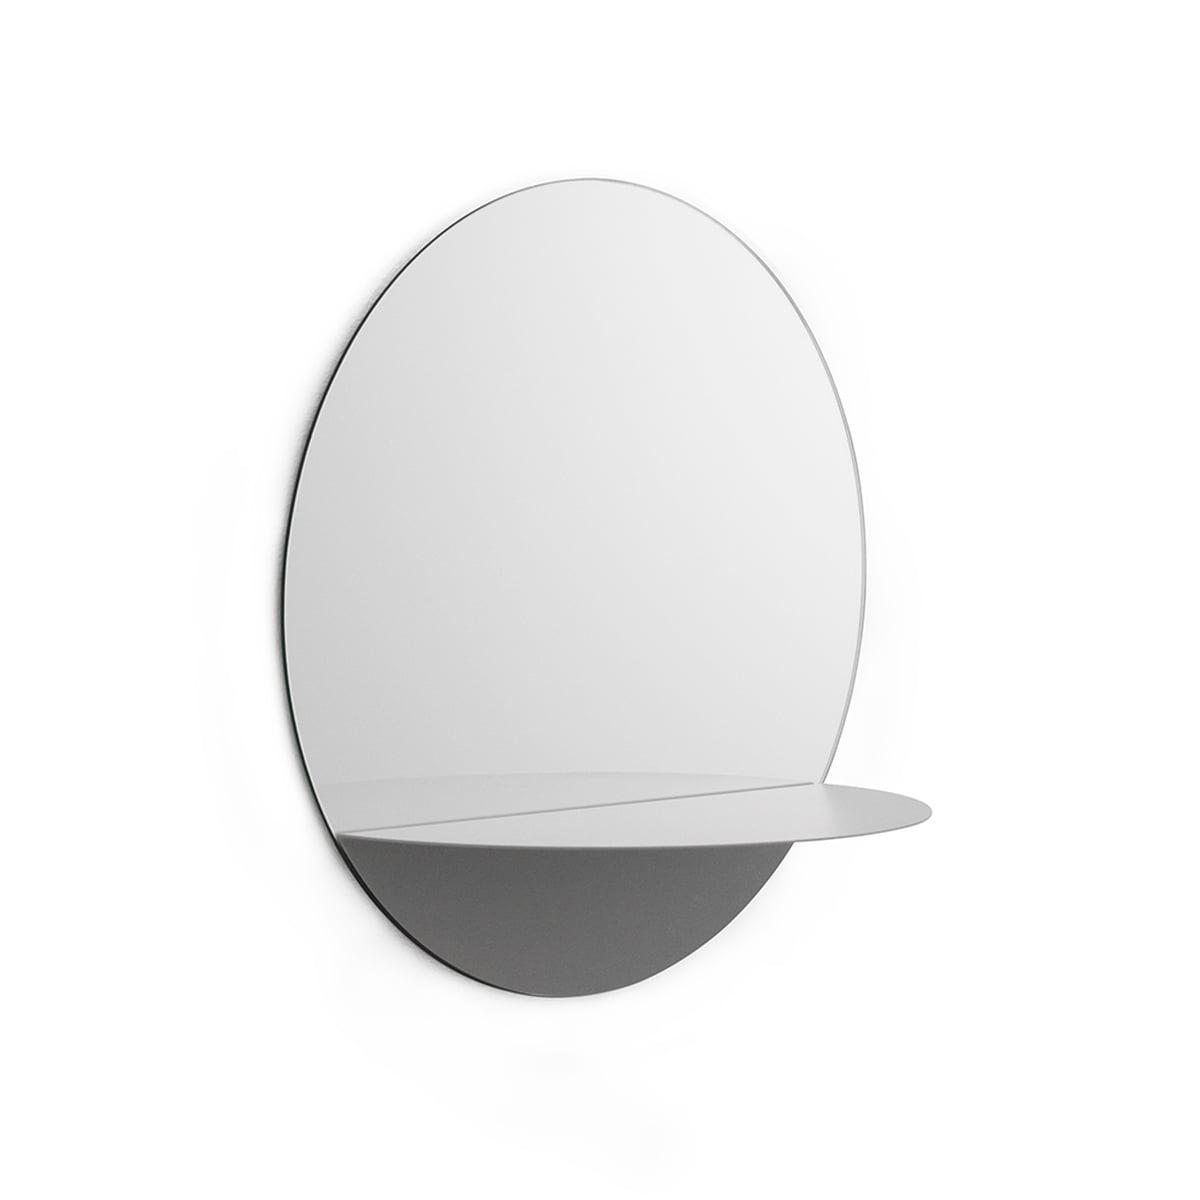 Normann copenhagen horizon spiegel rund grau